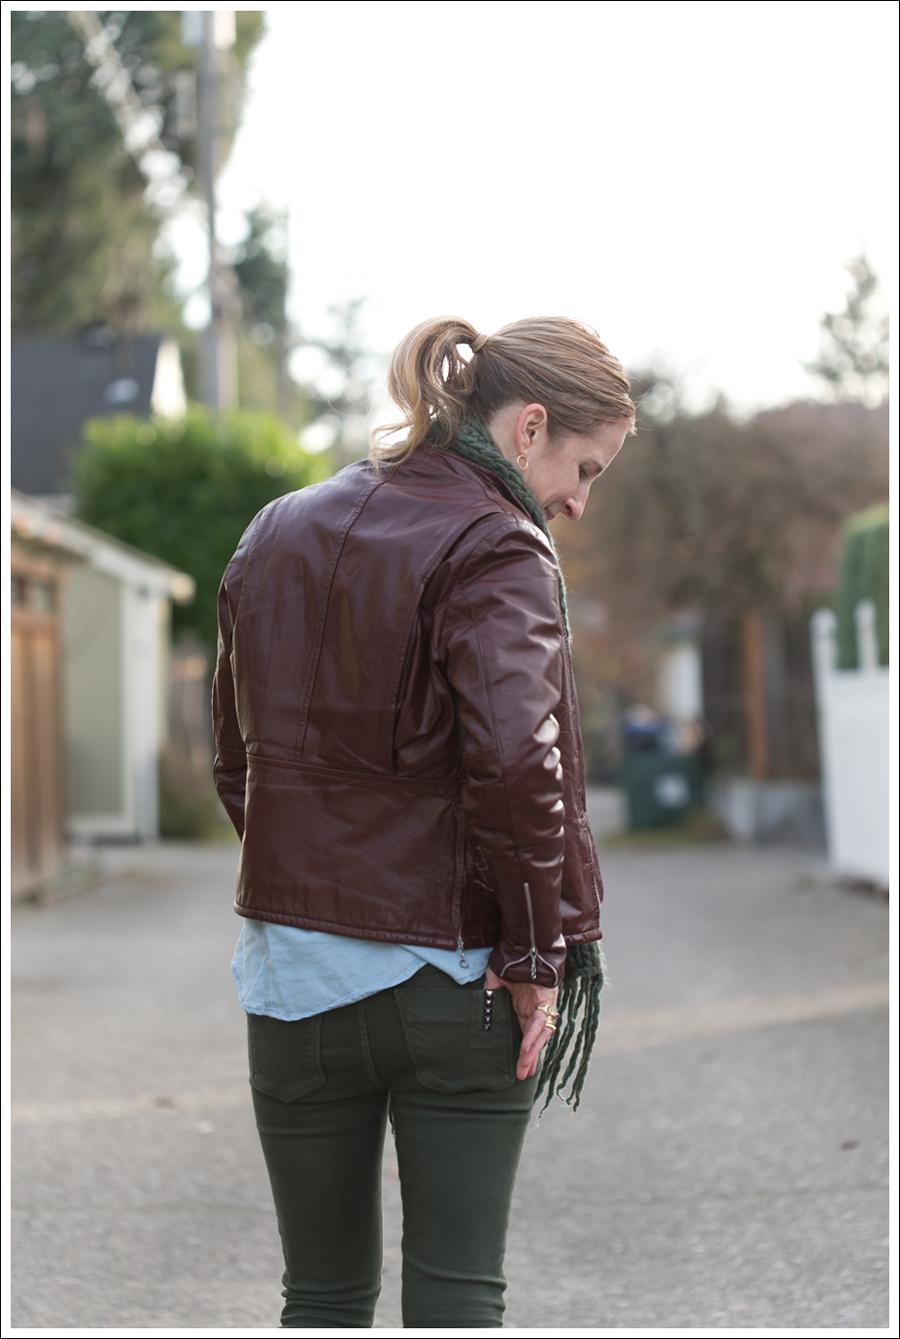 a99d7a1c5 Vintage Leather Jacket